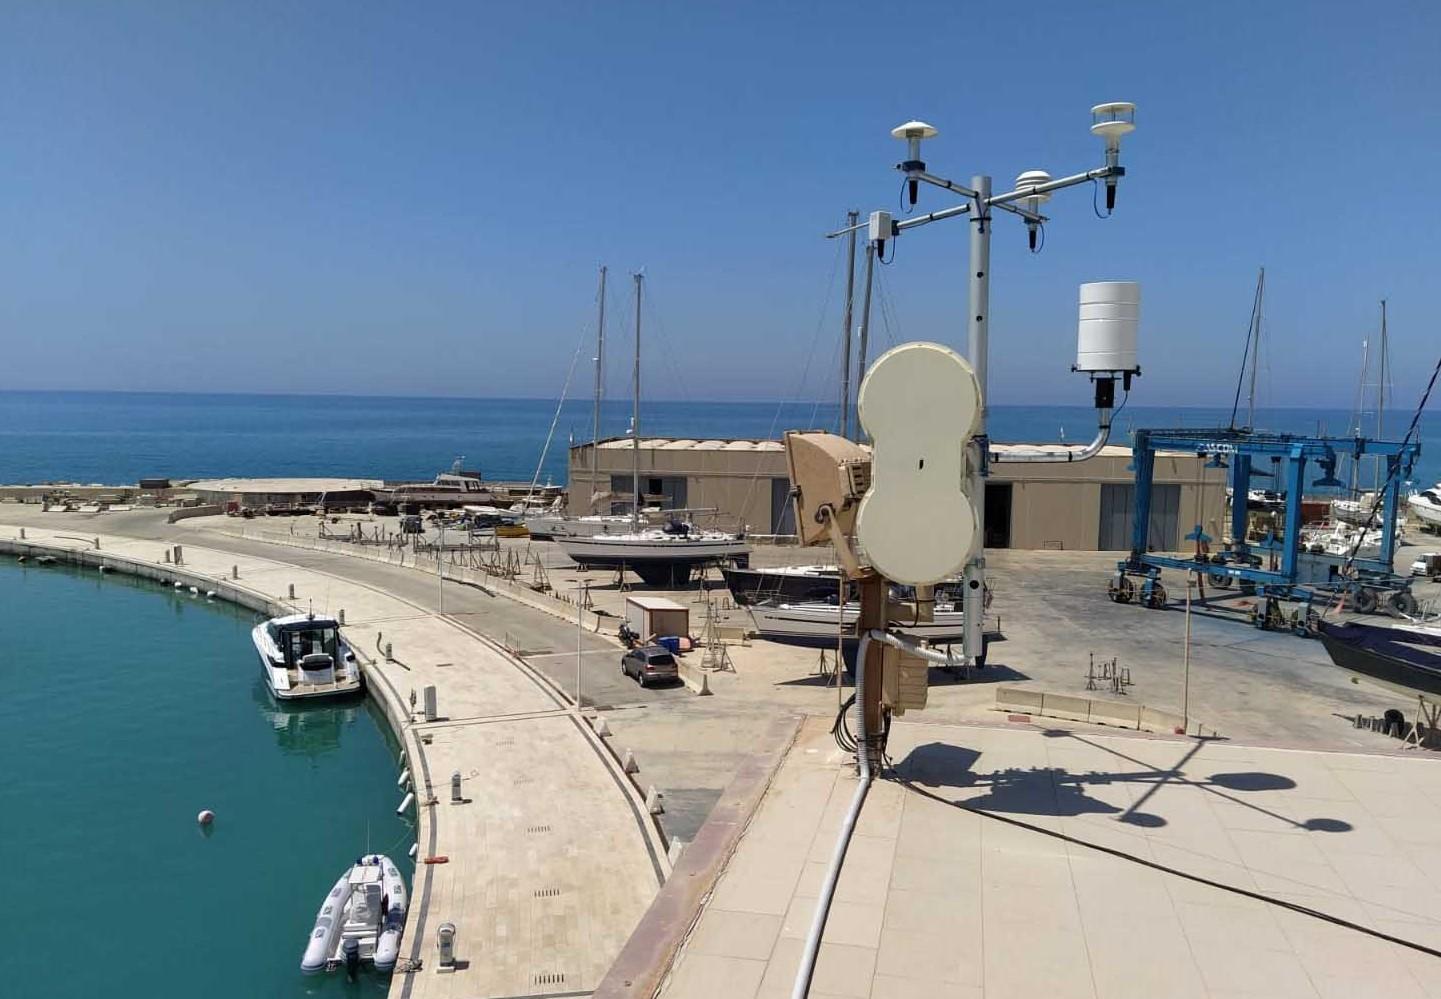 Progetto Italia-Malta: installate antenne radar a Pozzallo e Marina di Ragusa